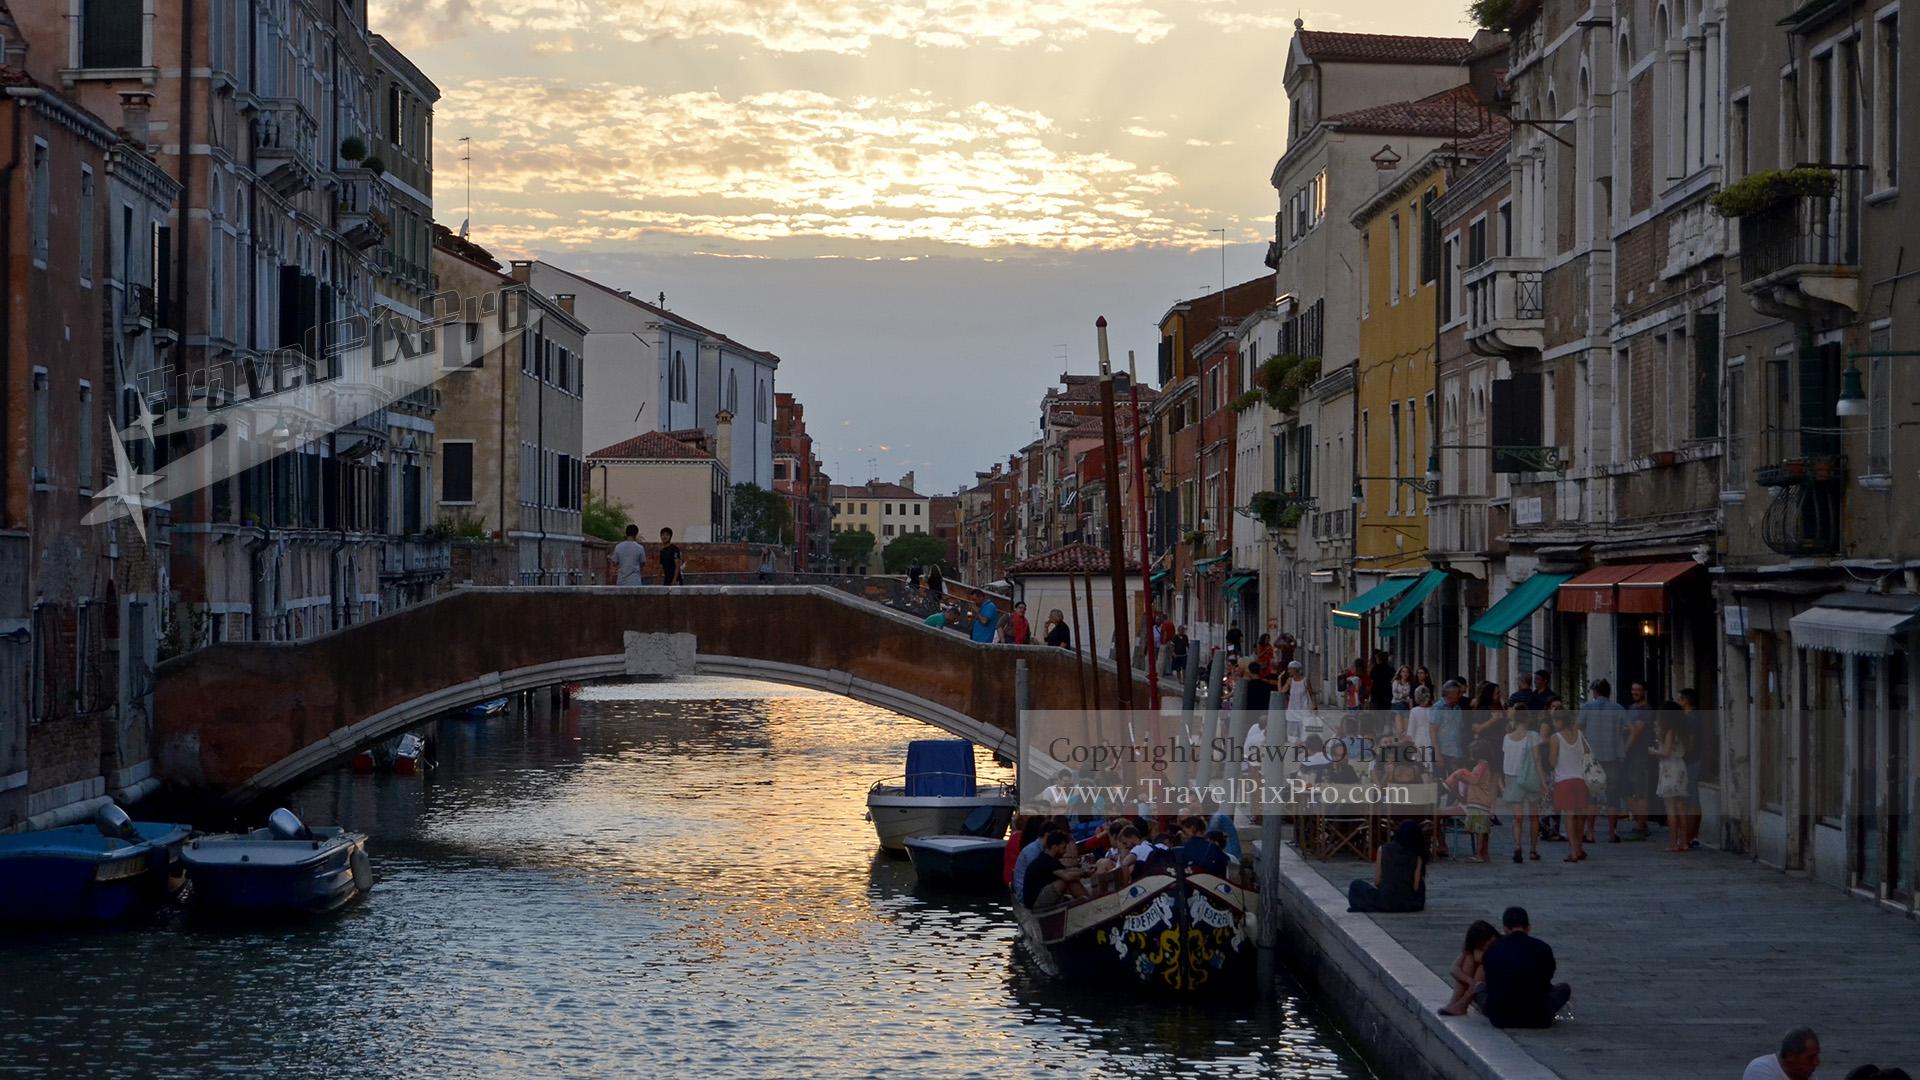 Evening in Cannaregio Venice